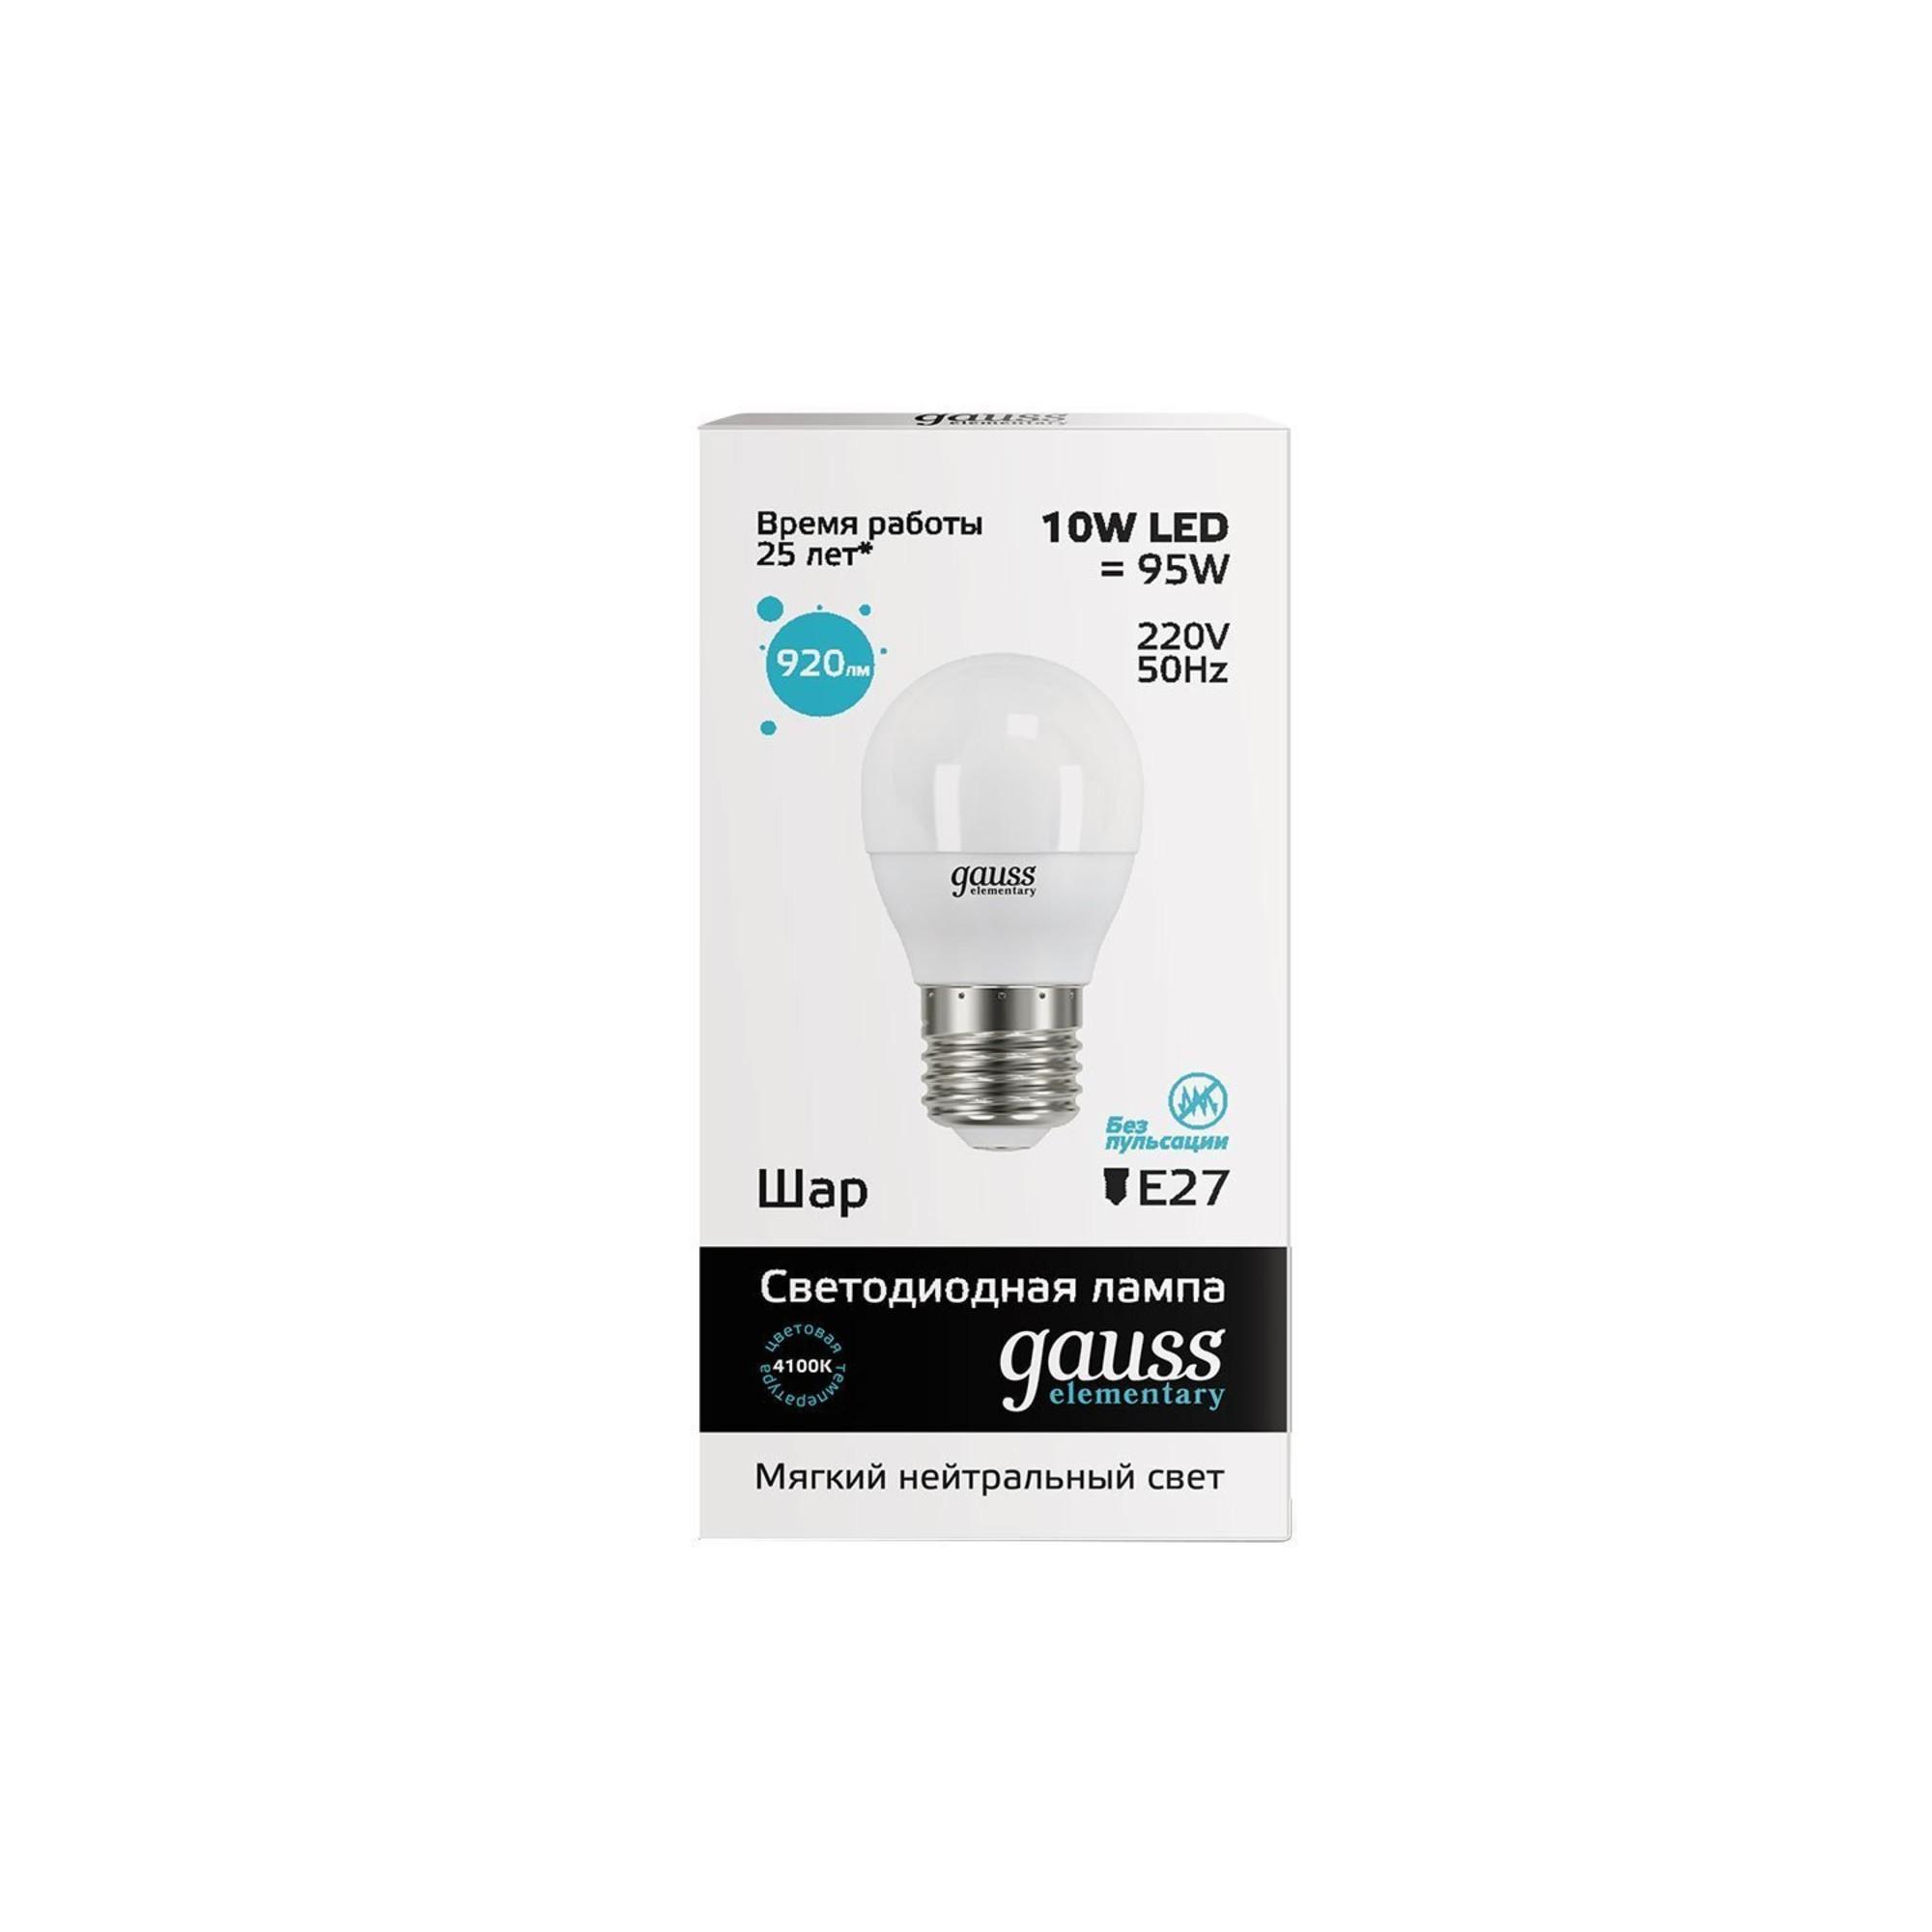 Лампа светодиодная Gauss E27 10 Вт шар матовая 920 лм нейтральный белый свет